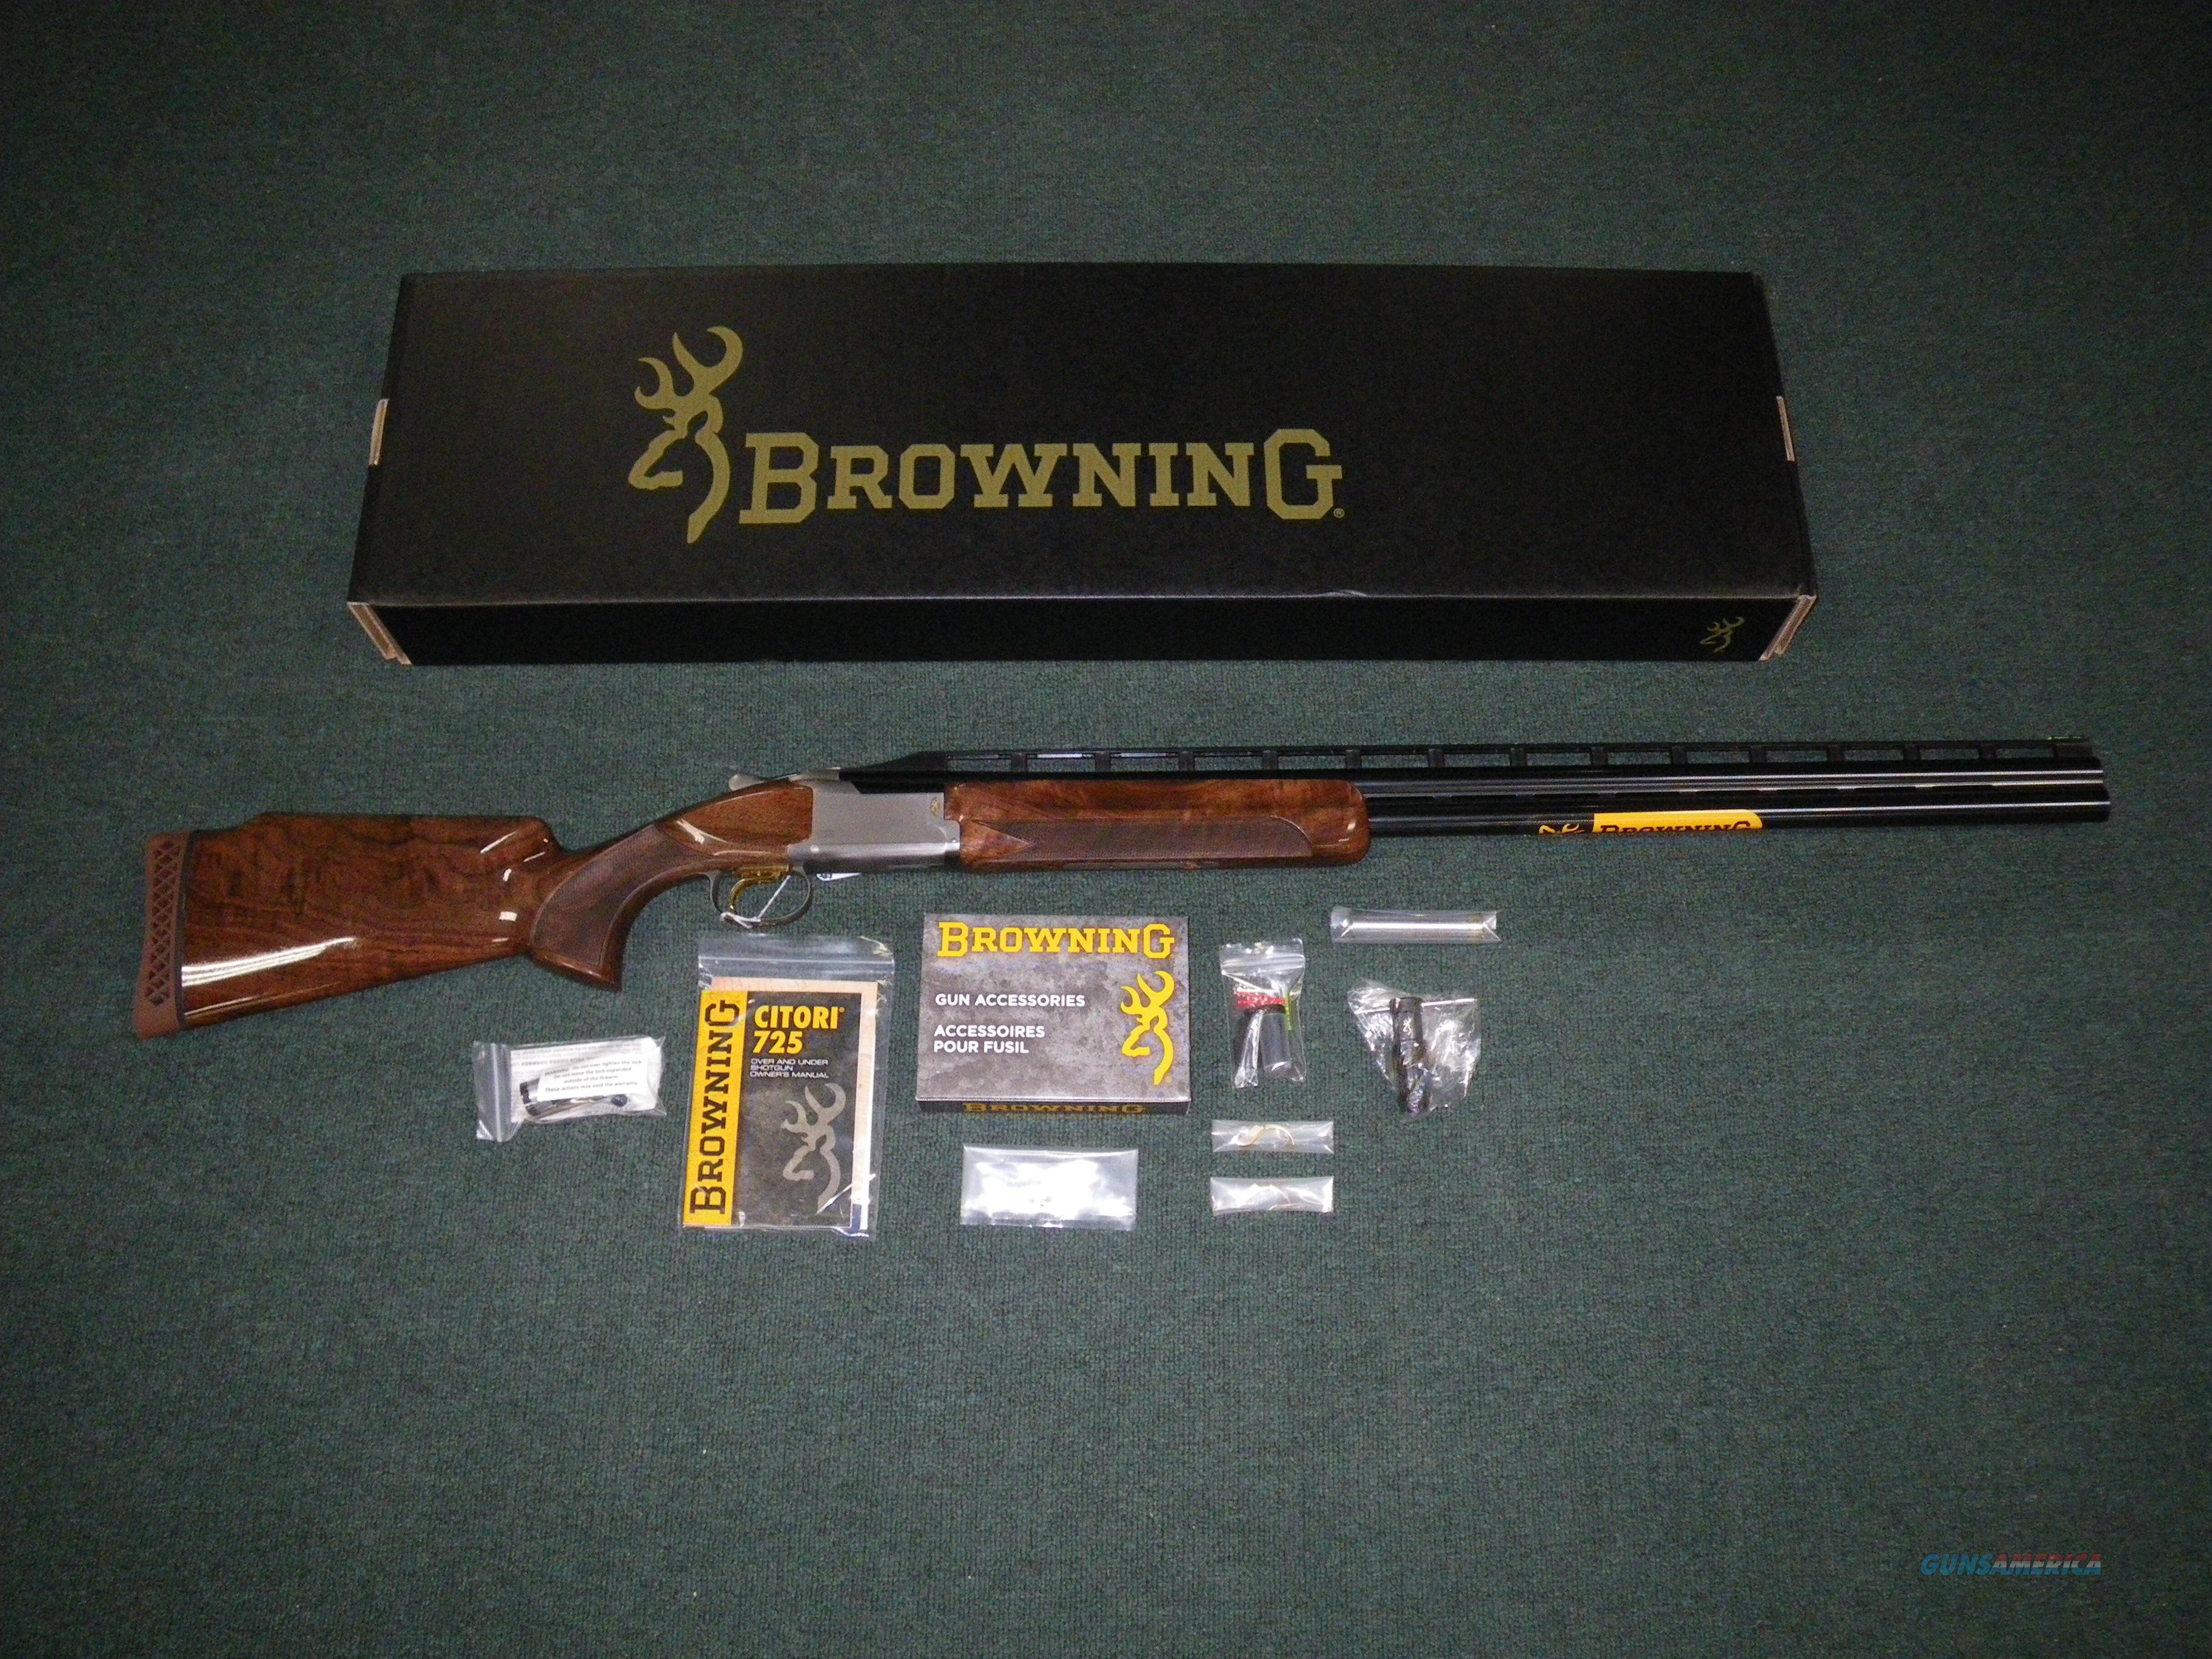 """Browning Citori 725 Trap Over/Under 12ga 30"""" NIB Item #0135793010  Guns > Shotguns > Browning Shotguns > Over Unders > Citori > Hunting"""